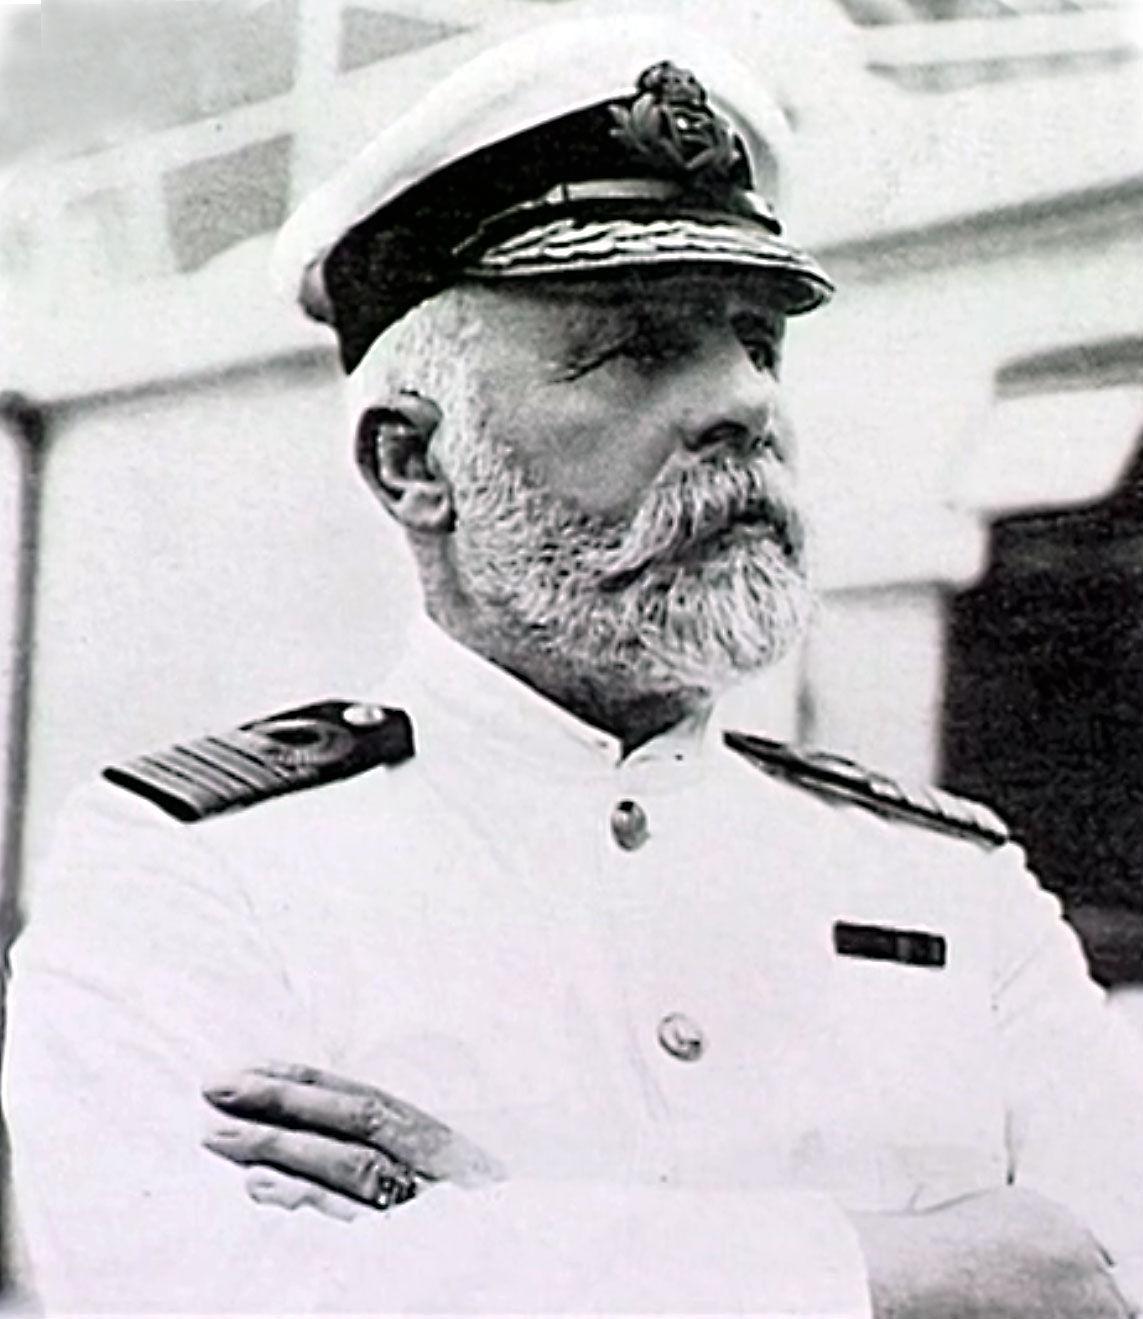 ¿Cómo se llamaba el capitán del barco?